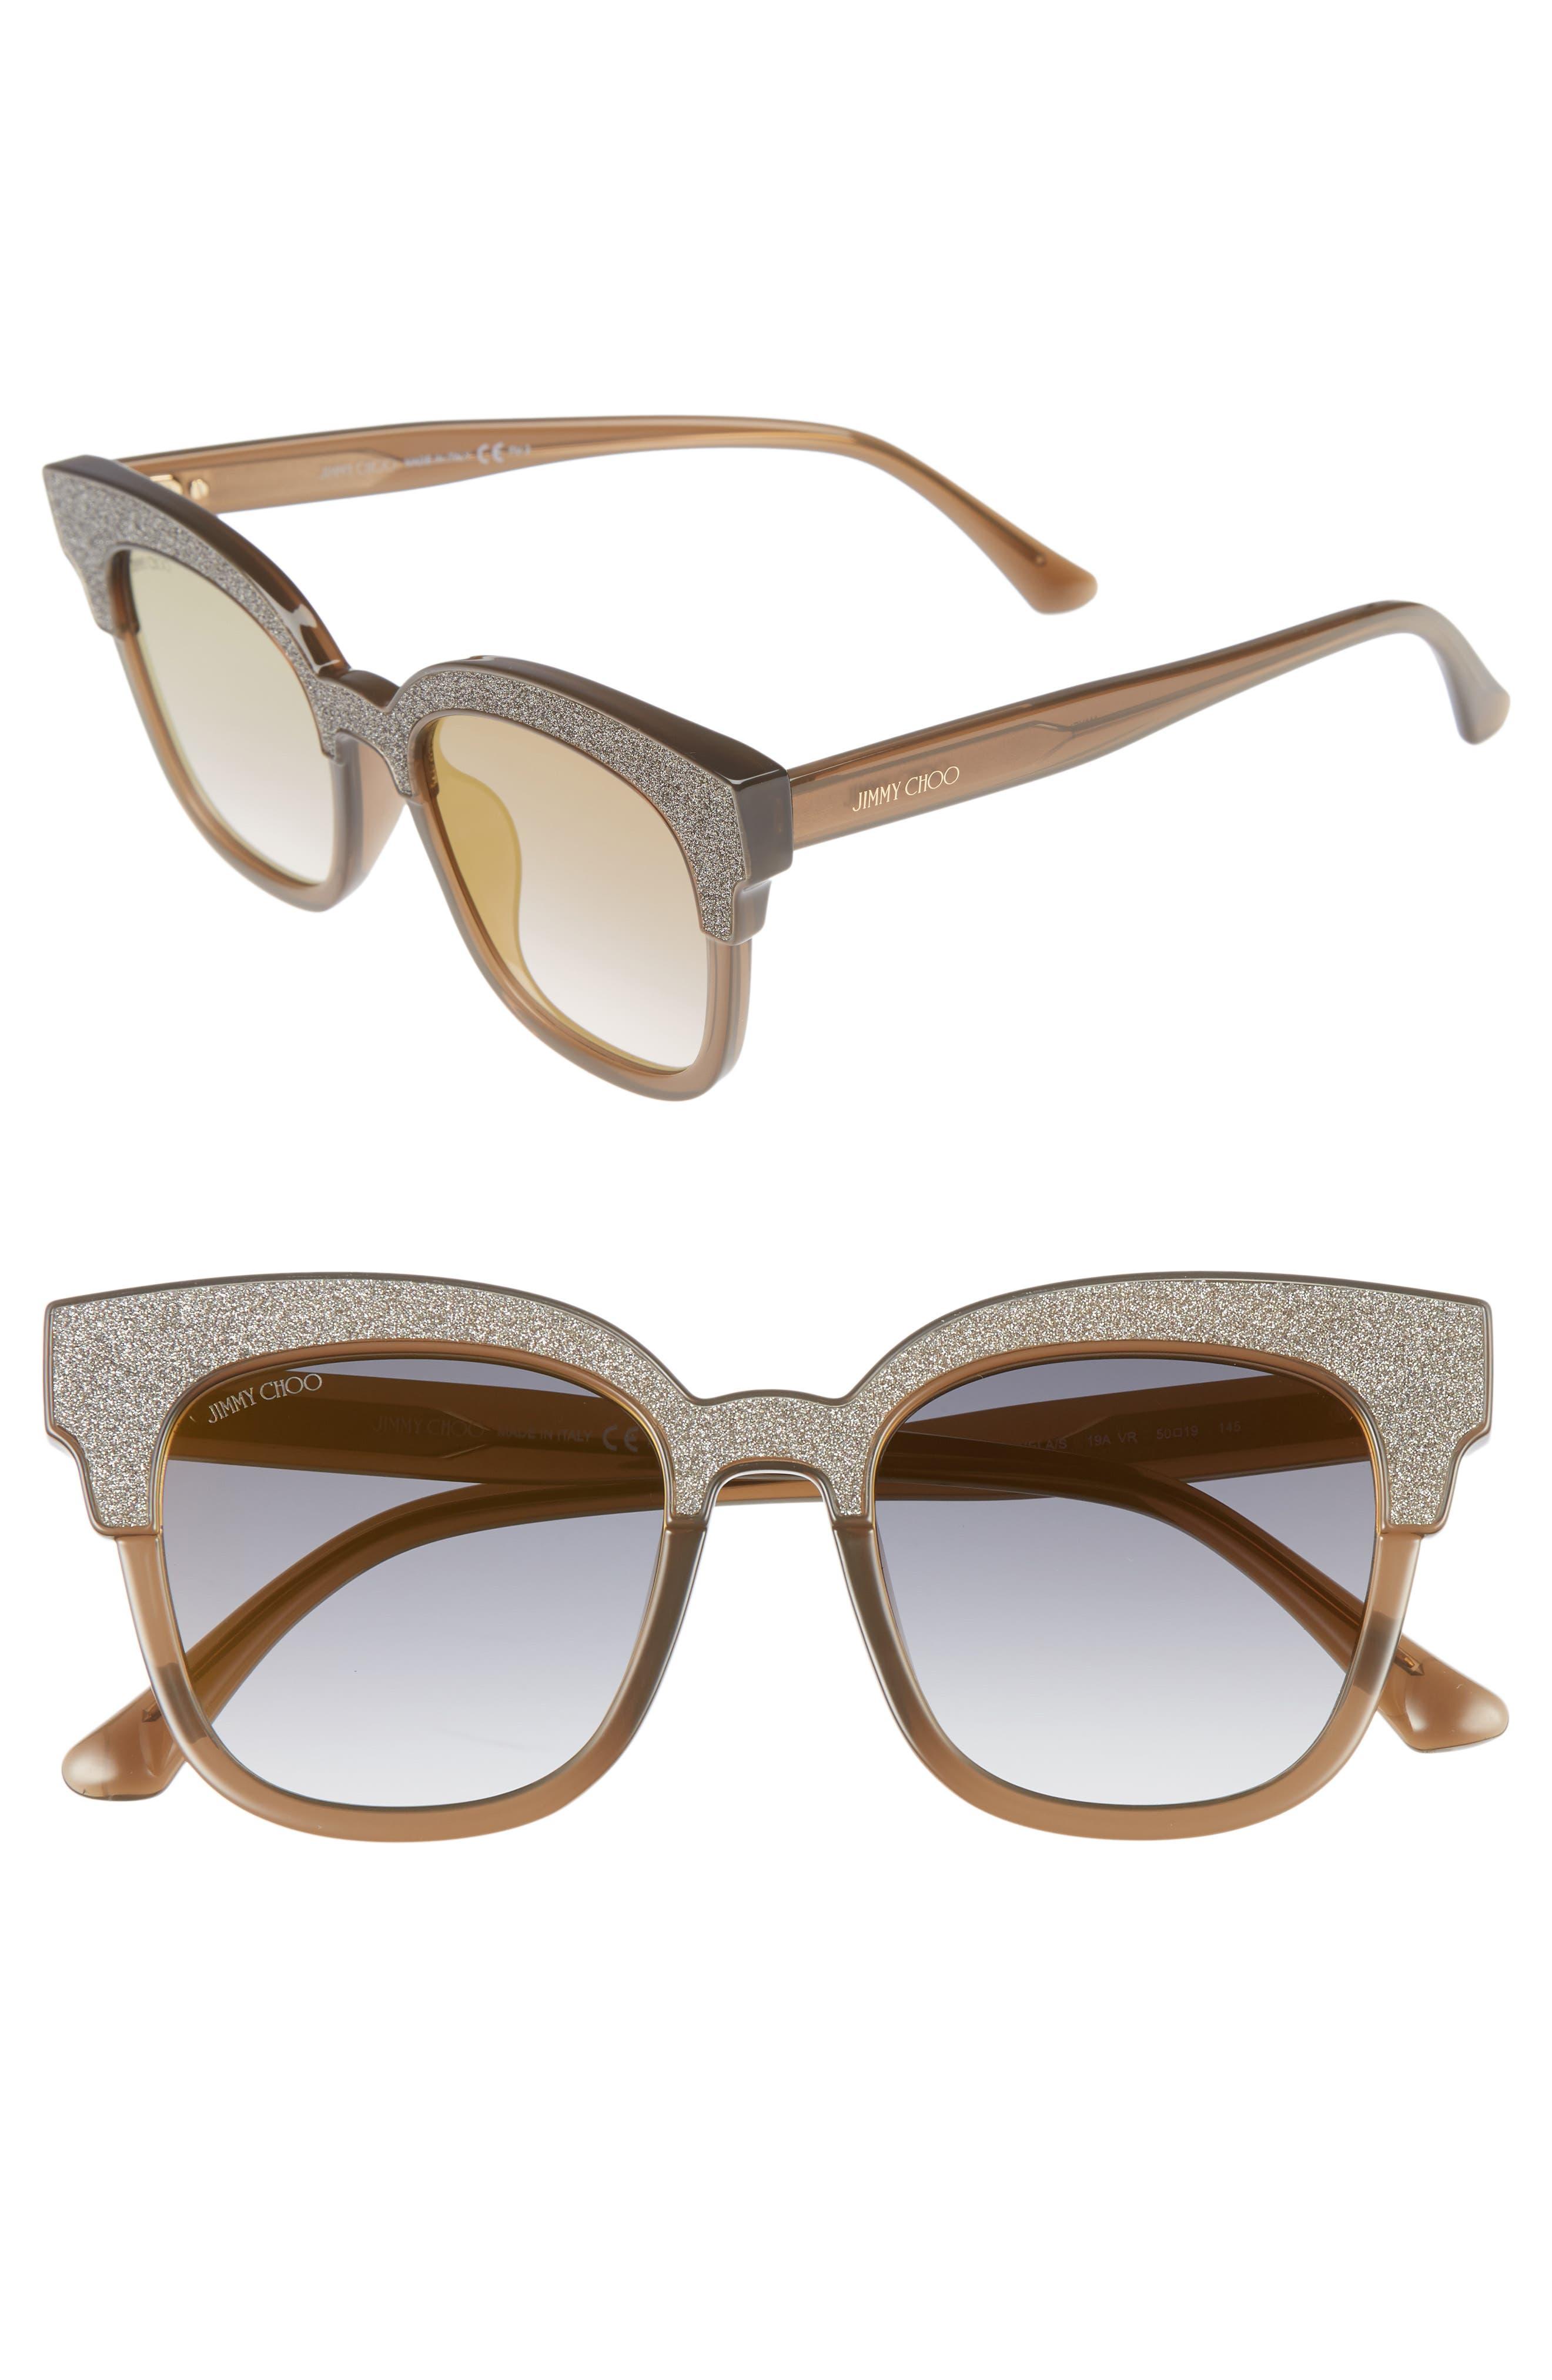 Mayelas 50mm Cat Eye Sunglasses,                             Main thumbnail 1, color,                             200